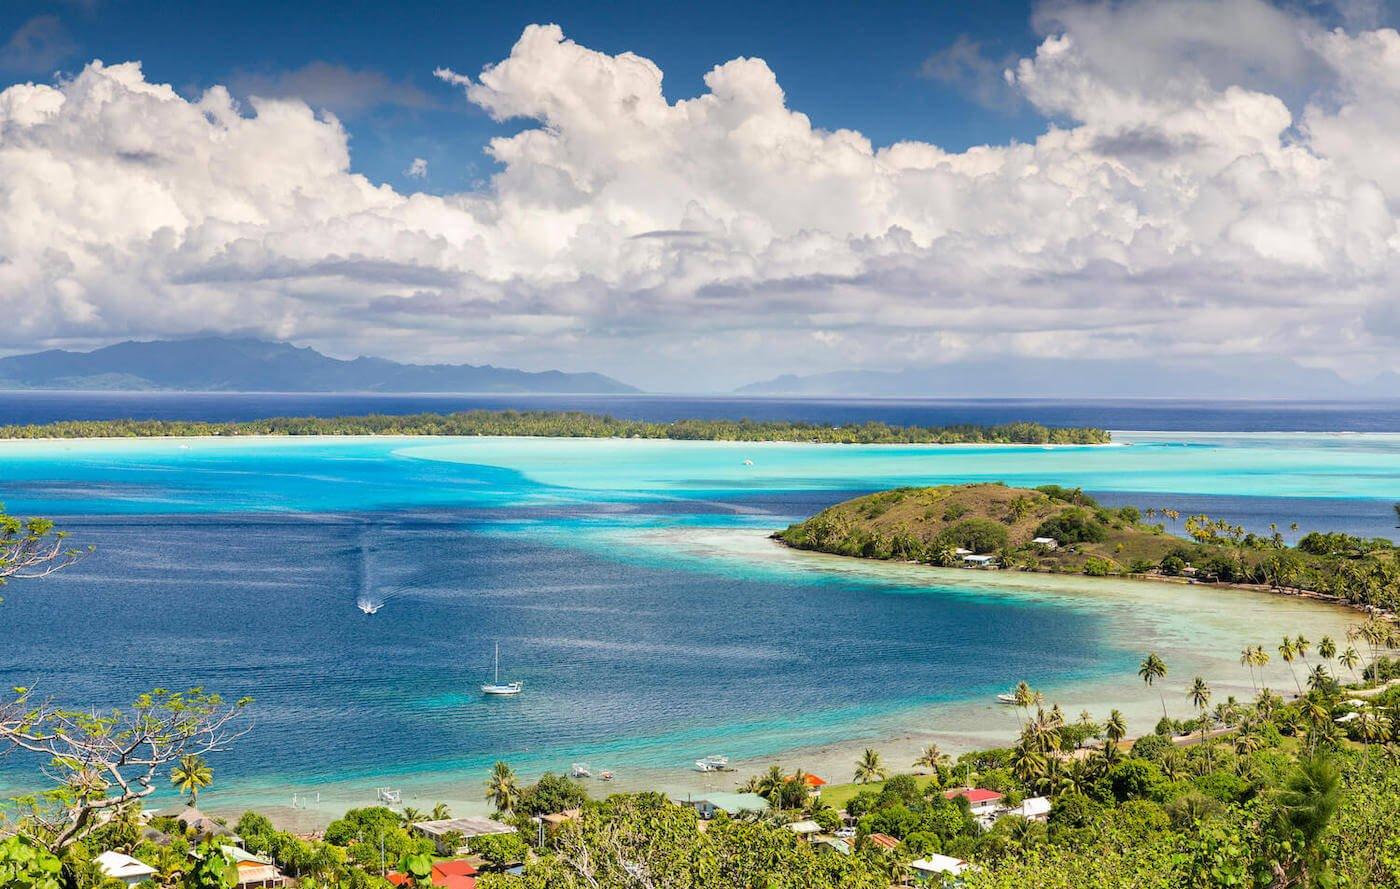 Bora Bora voyage de noce Polynésie